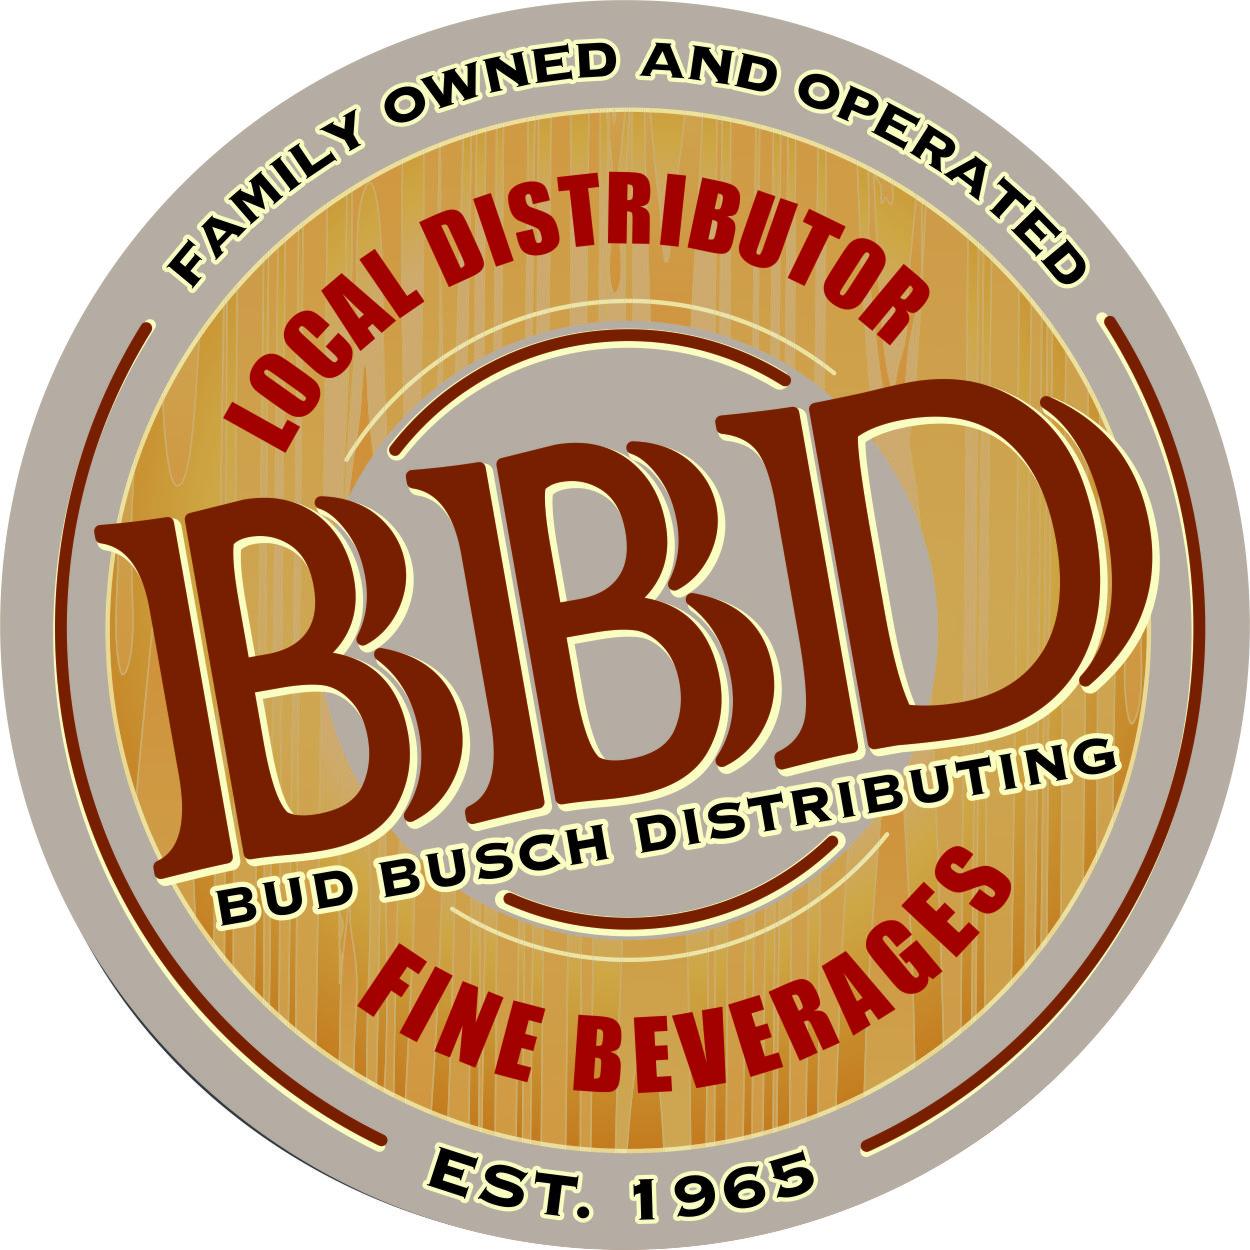 Budweiser Busch